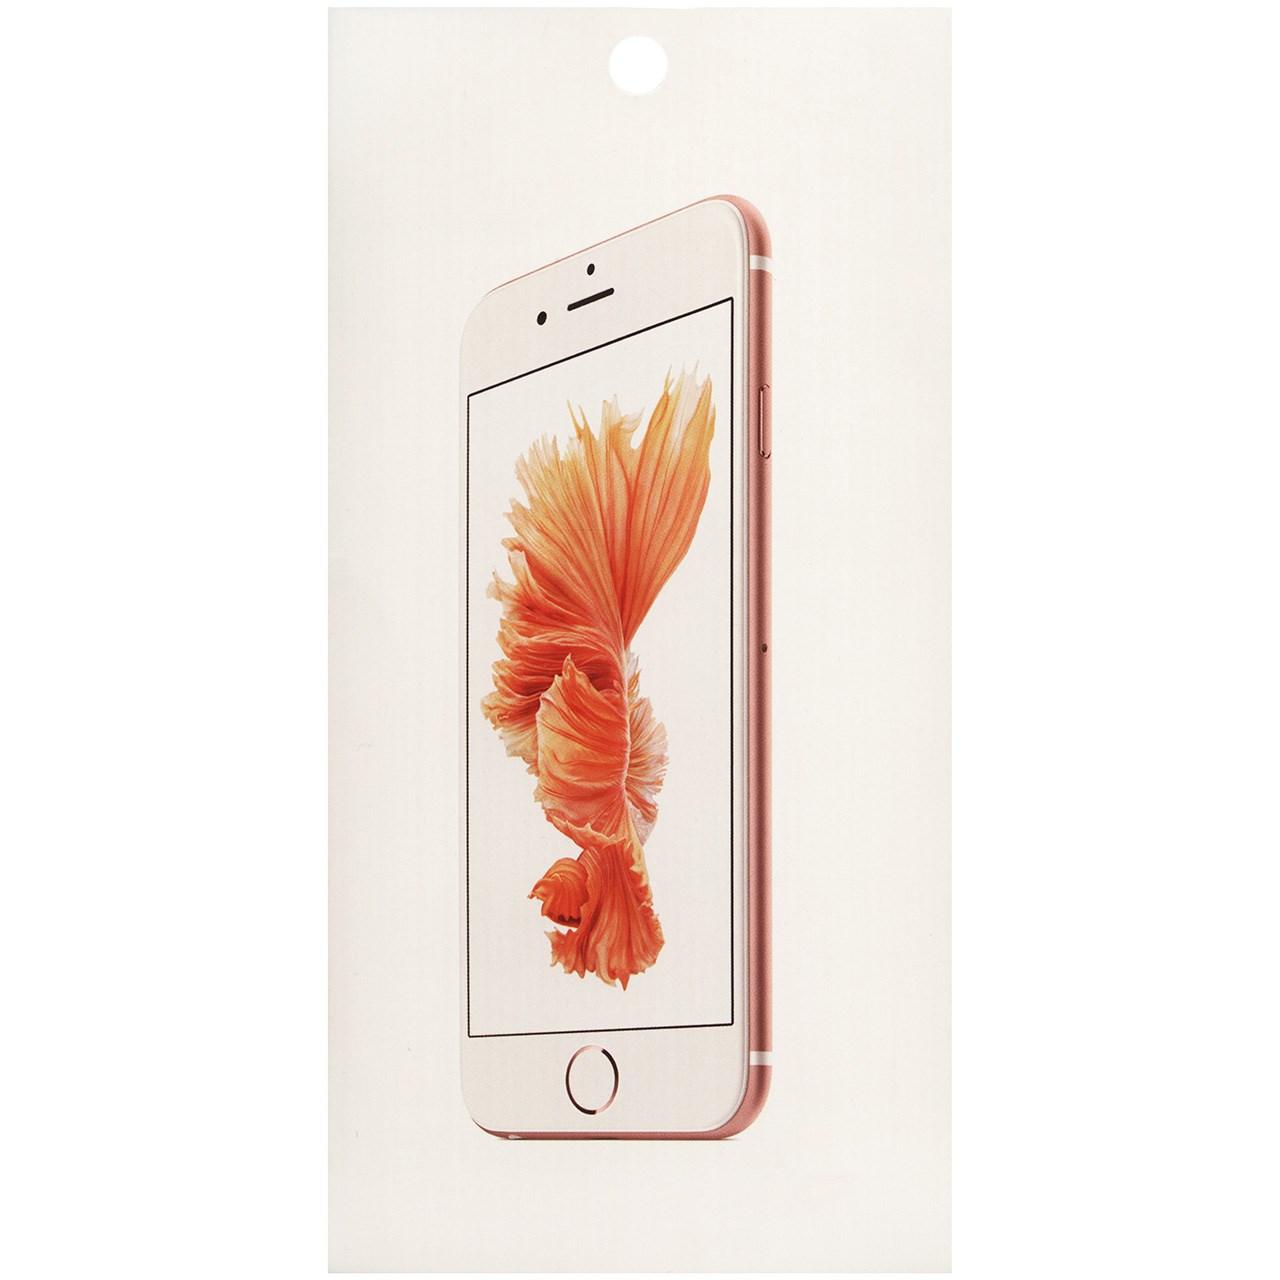 محافظ صفحه نمایش شیشه ای مدل Sum Plus مناسب برای گوشی موبایل آیفون 5/5s/SE              ( قیمت و خرید)